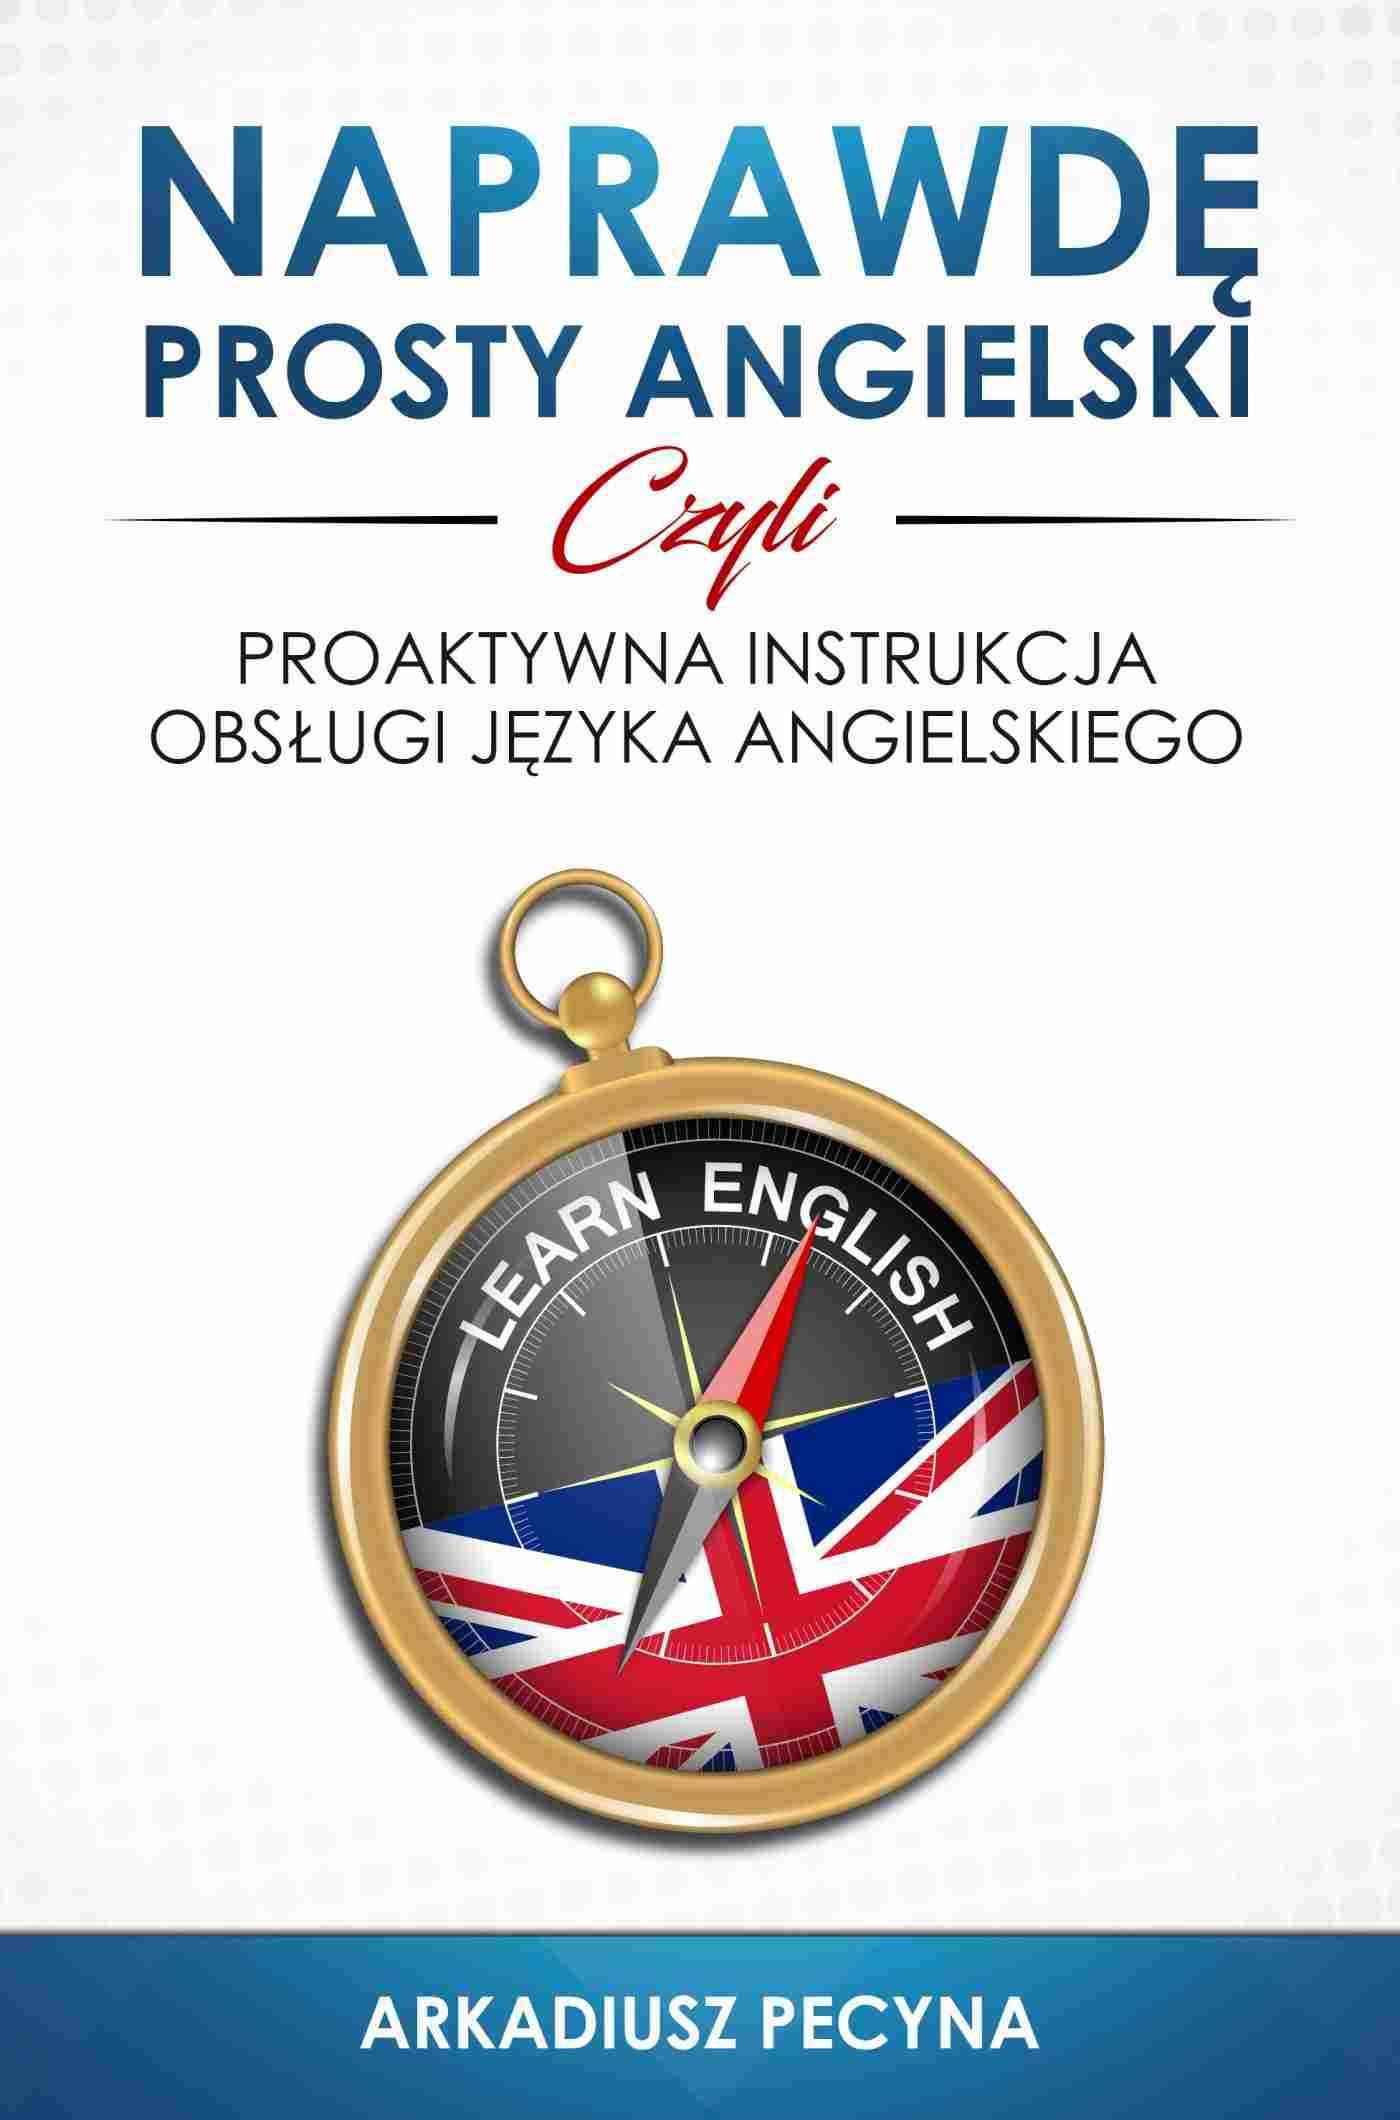 Naprawdę prosty angielski, czyli proaktywna instrukcja obsługi języka angielskiego - Ebook (Książka EPUB) do pobrania w formacie EPUB